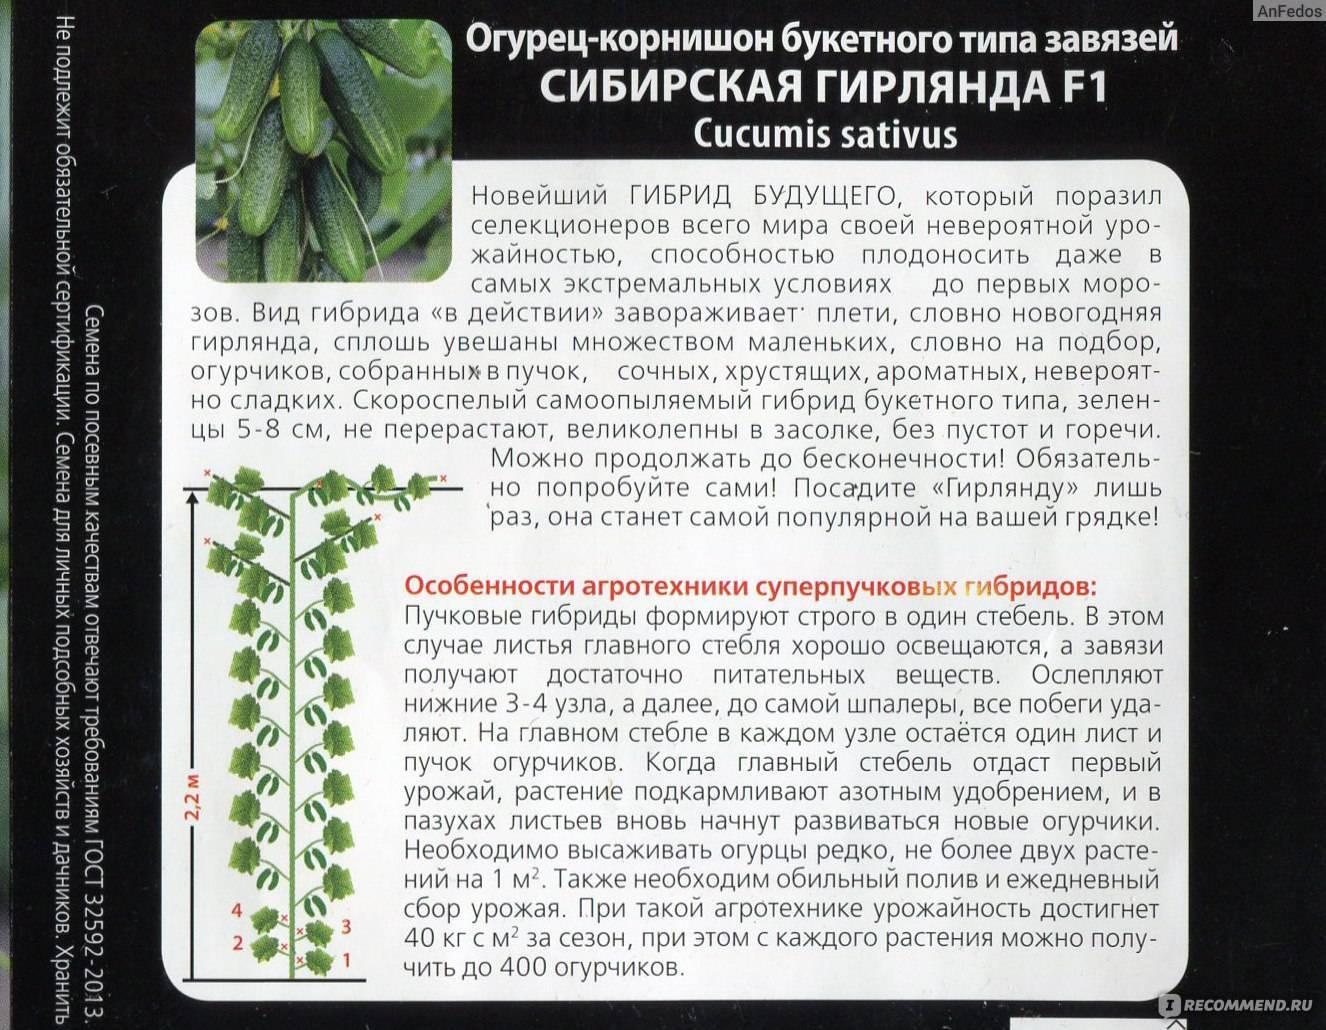 Огурцы сибирская гирлянда f1